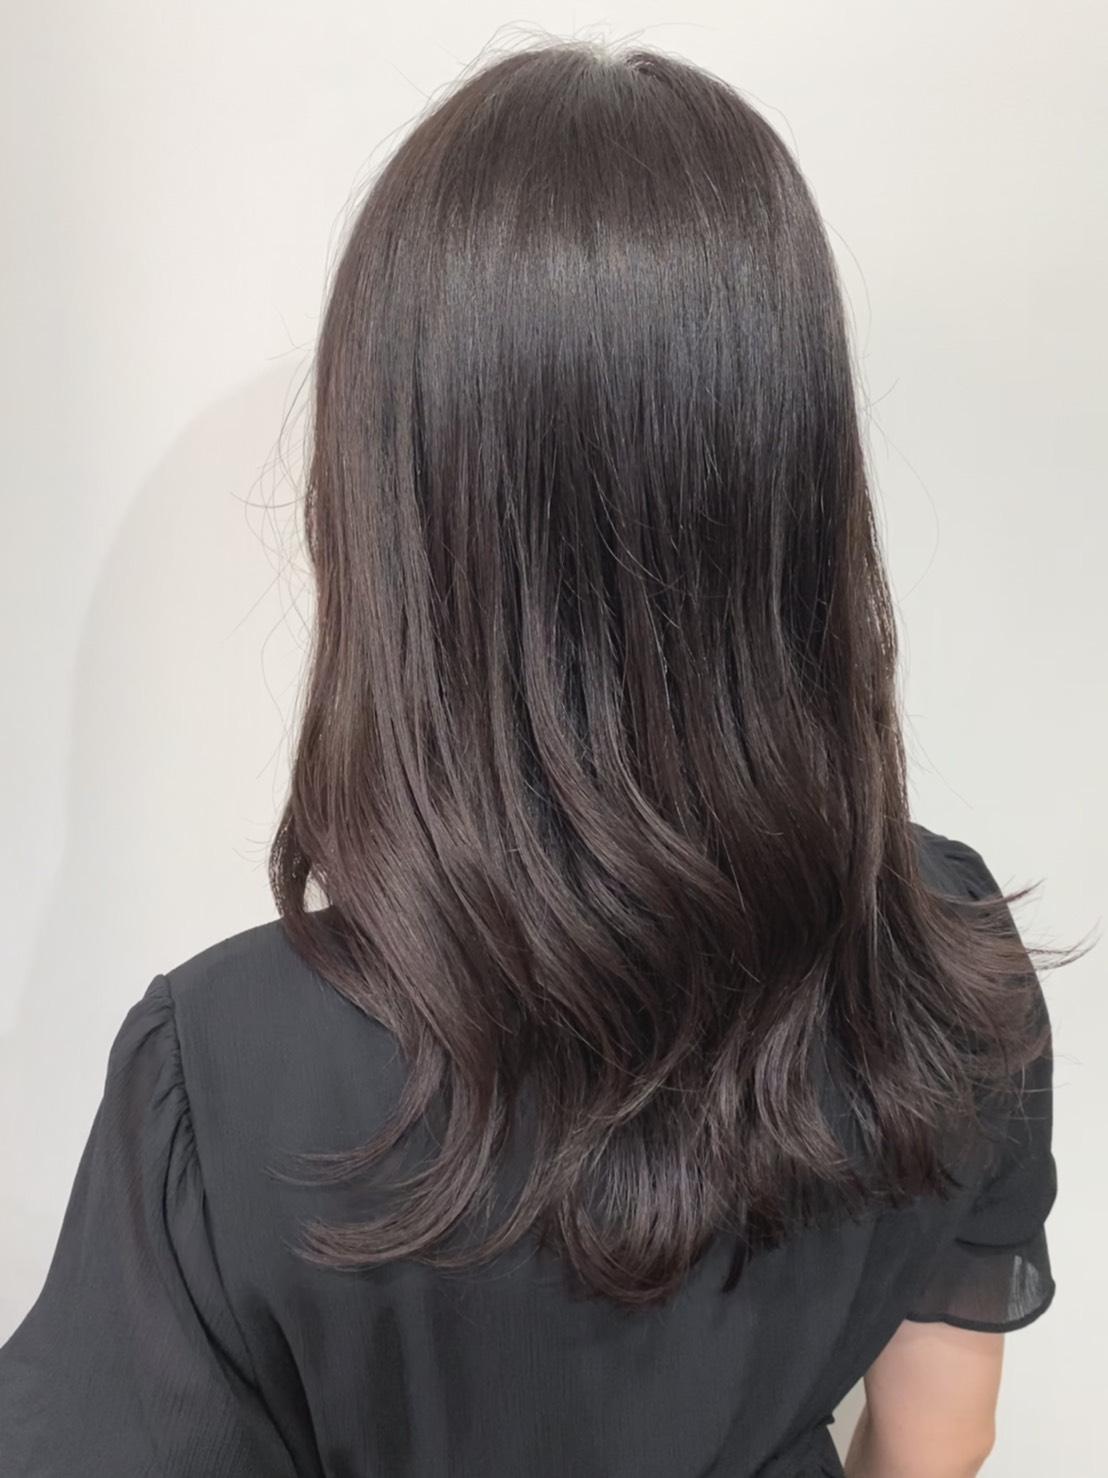 染め終わった後の髪の写真。全体的にしっかり黒く染まっている